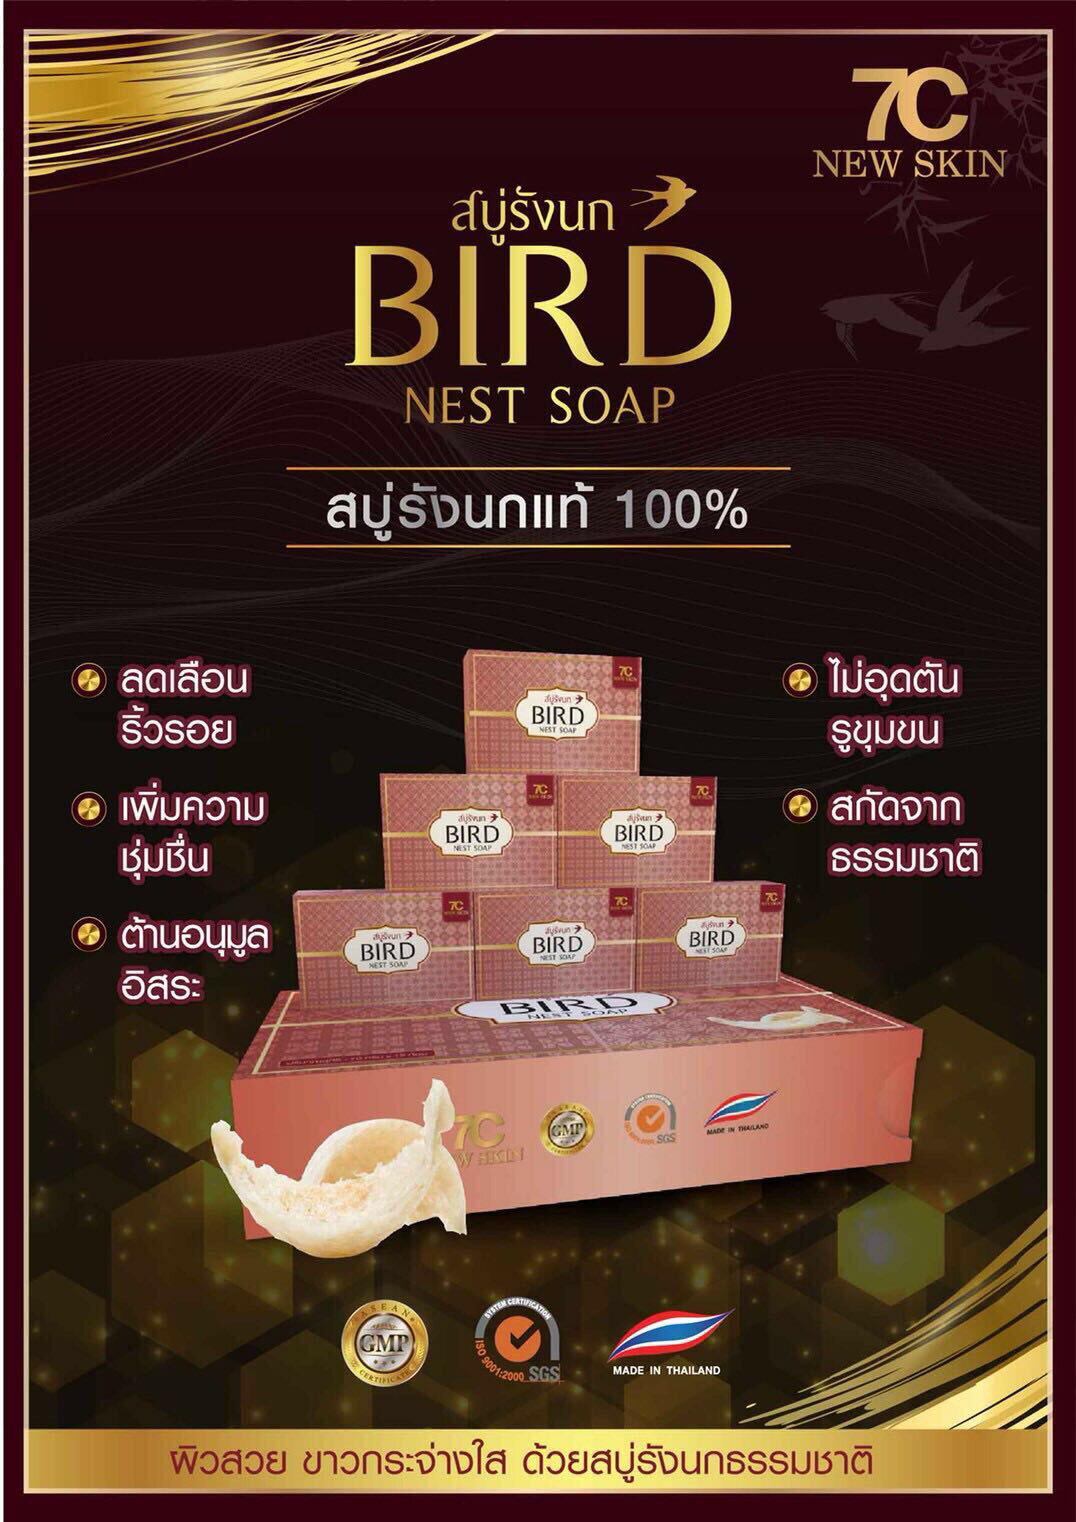 泰國天然椰油燕窩皂︱台灣獨賣新品︱GMP工廠生產 品質保證︱盒裝 ︱1盒12入 0